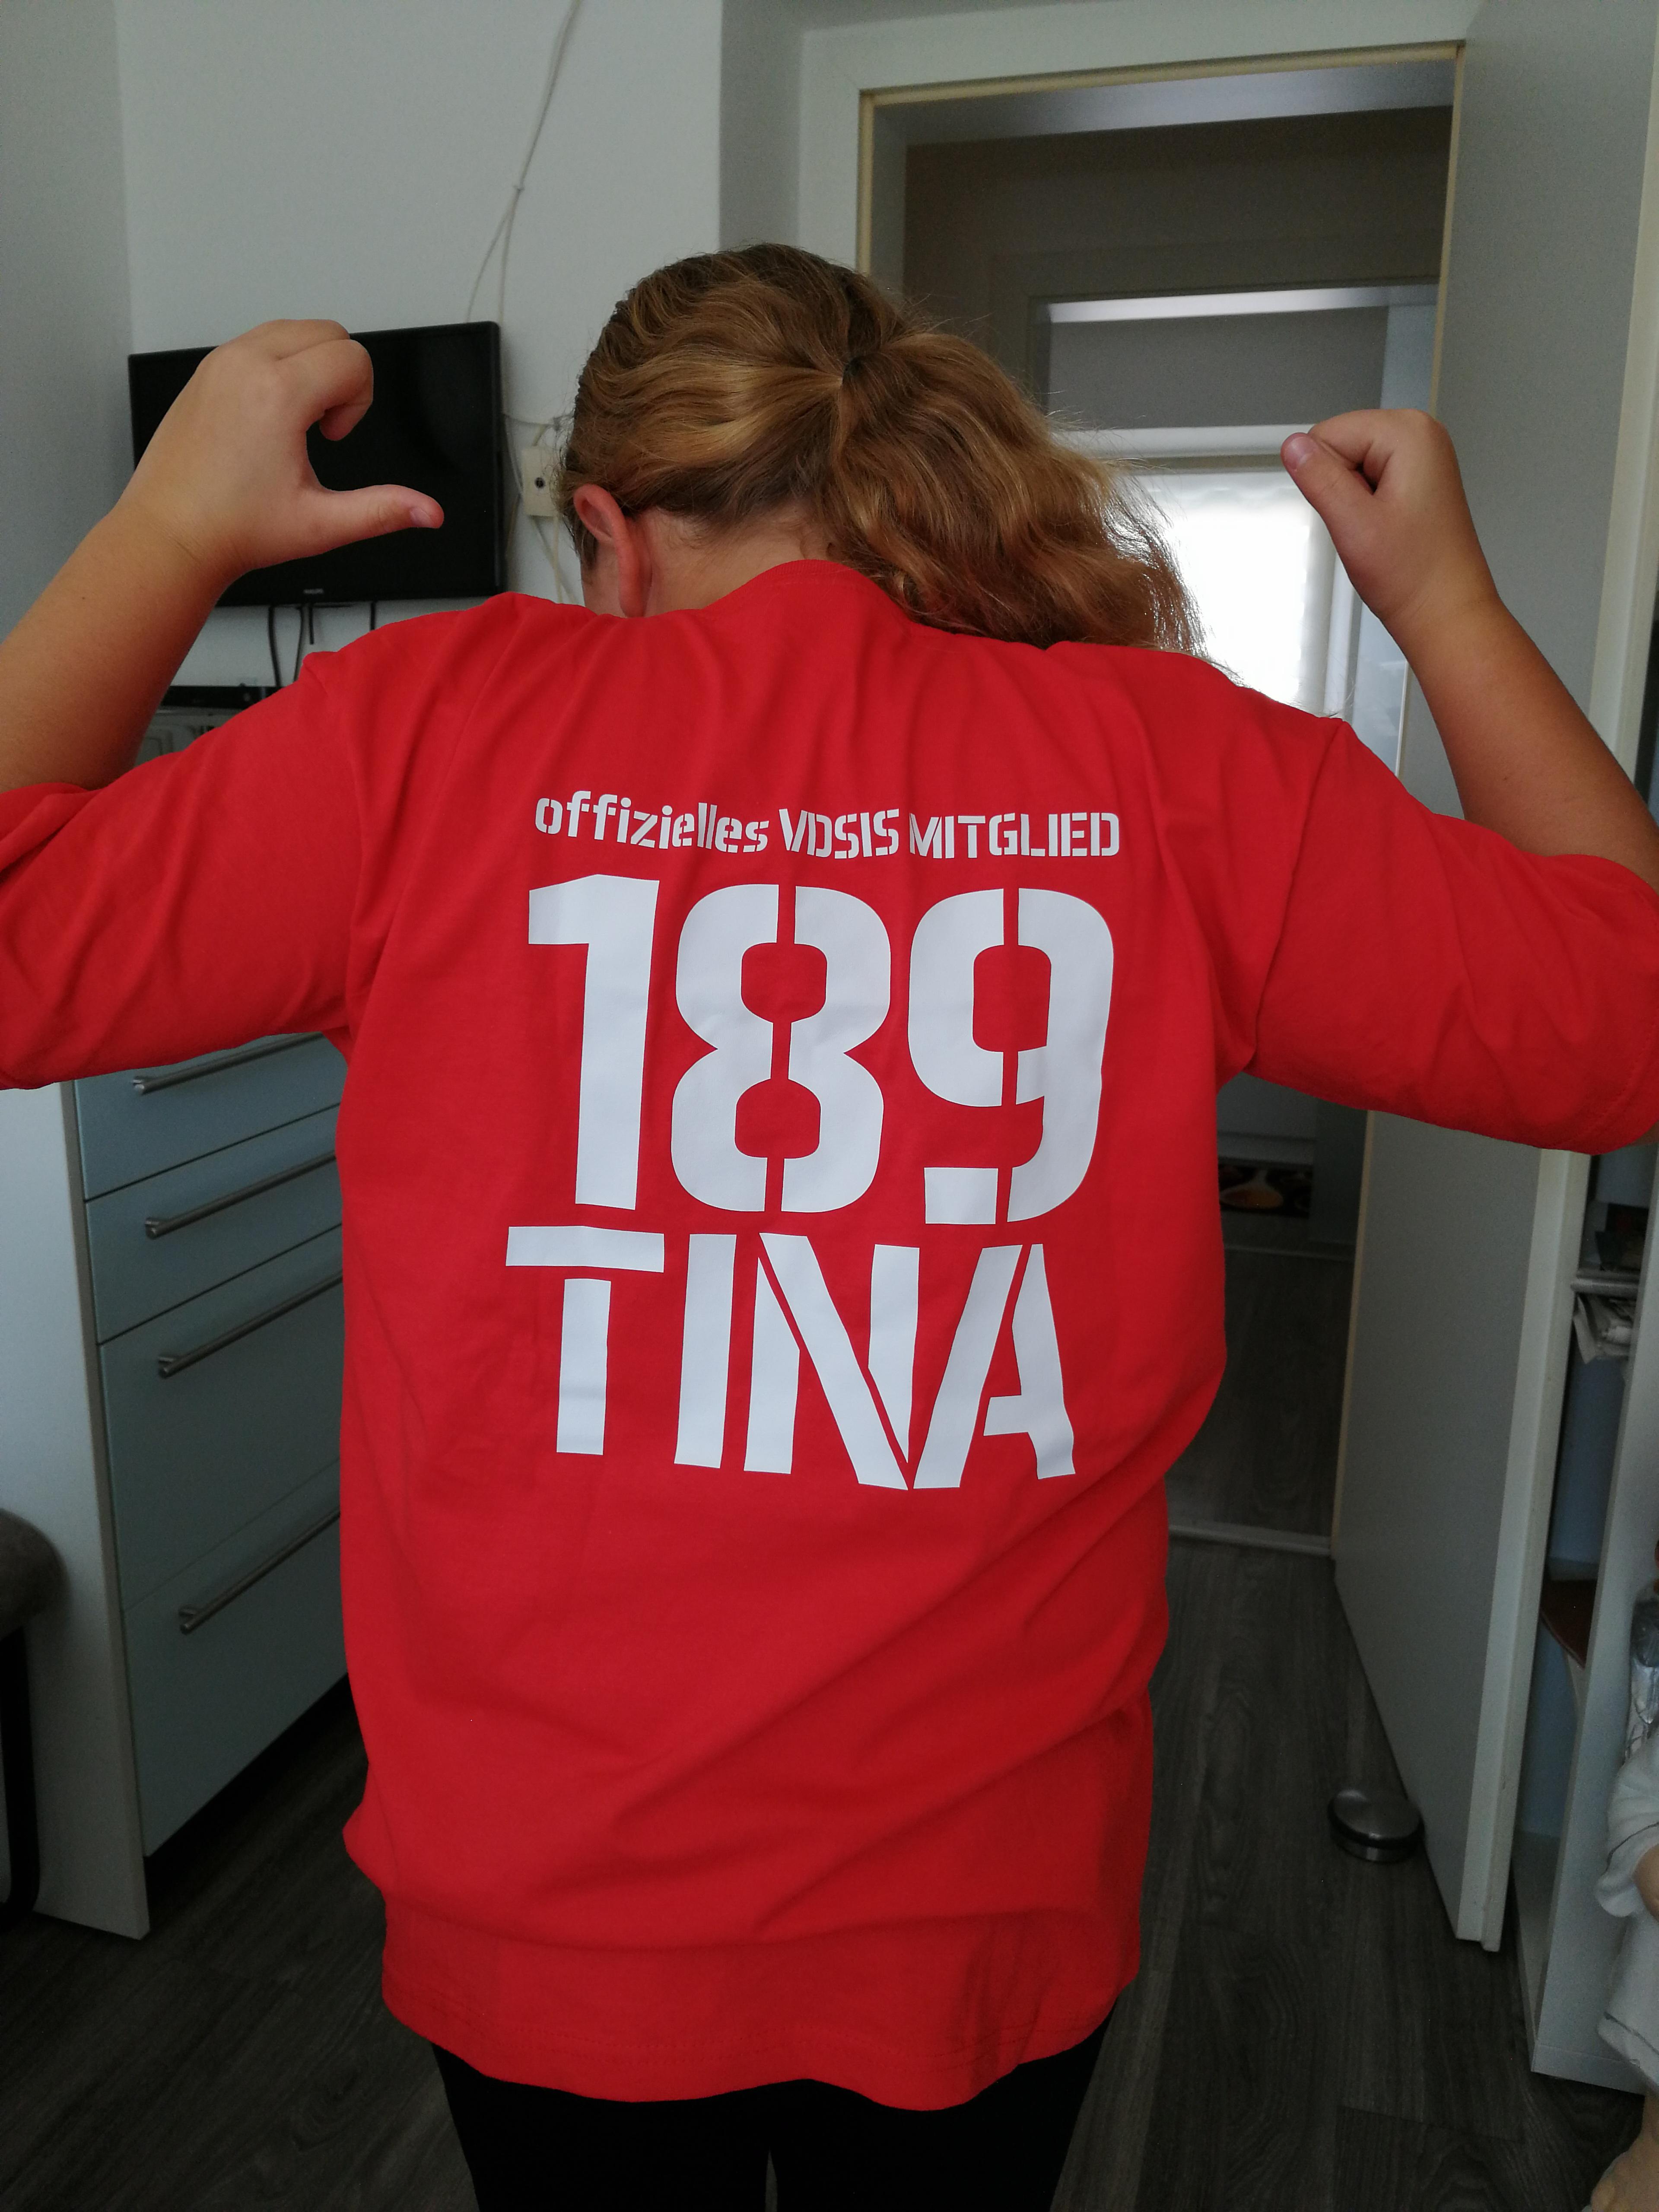 189 Tina vdsisarmy